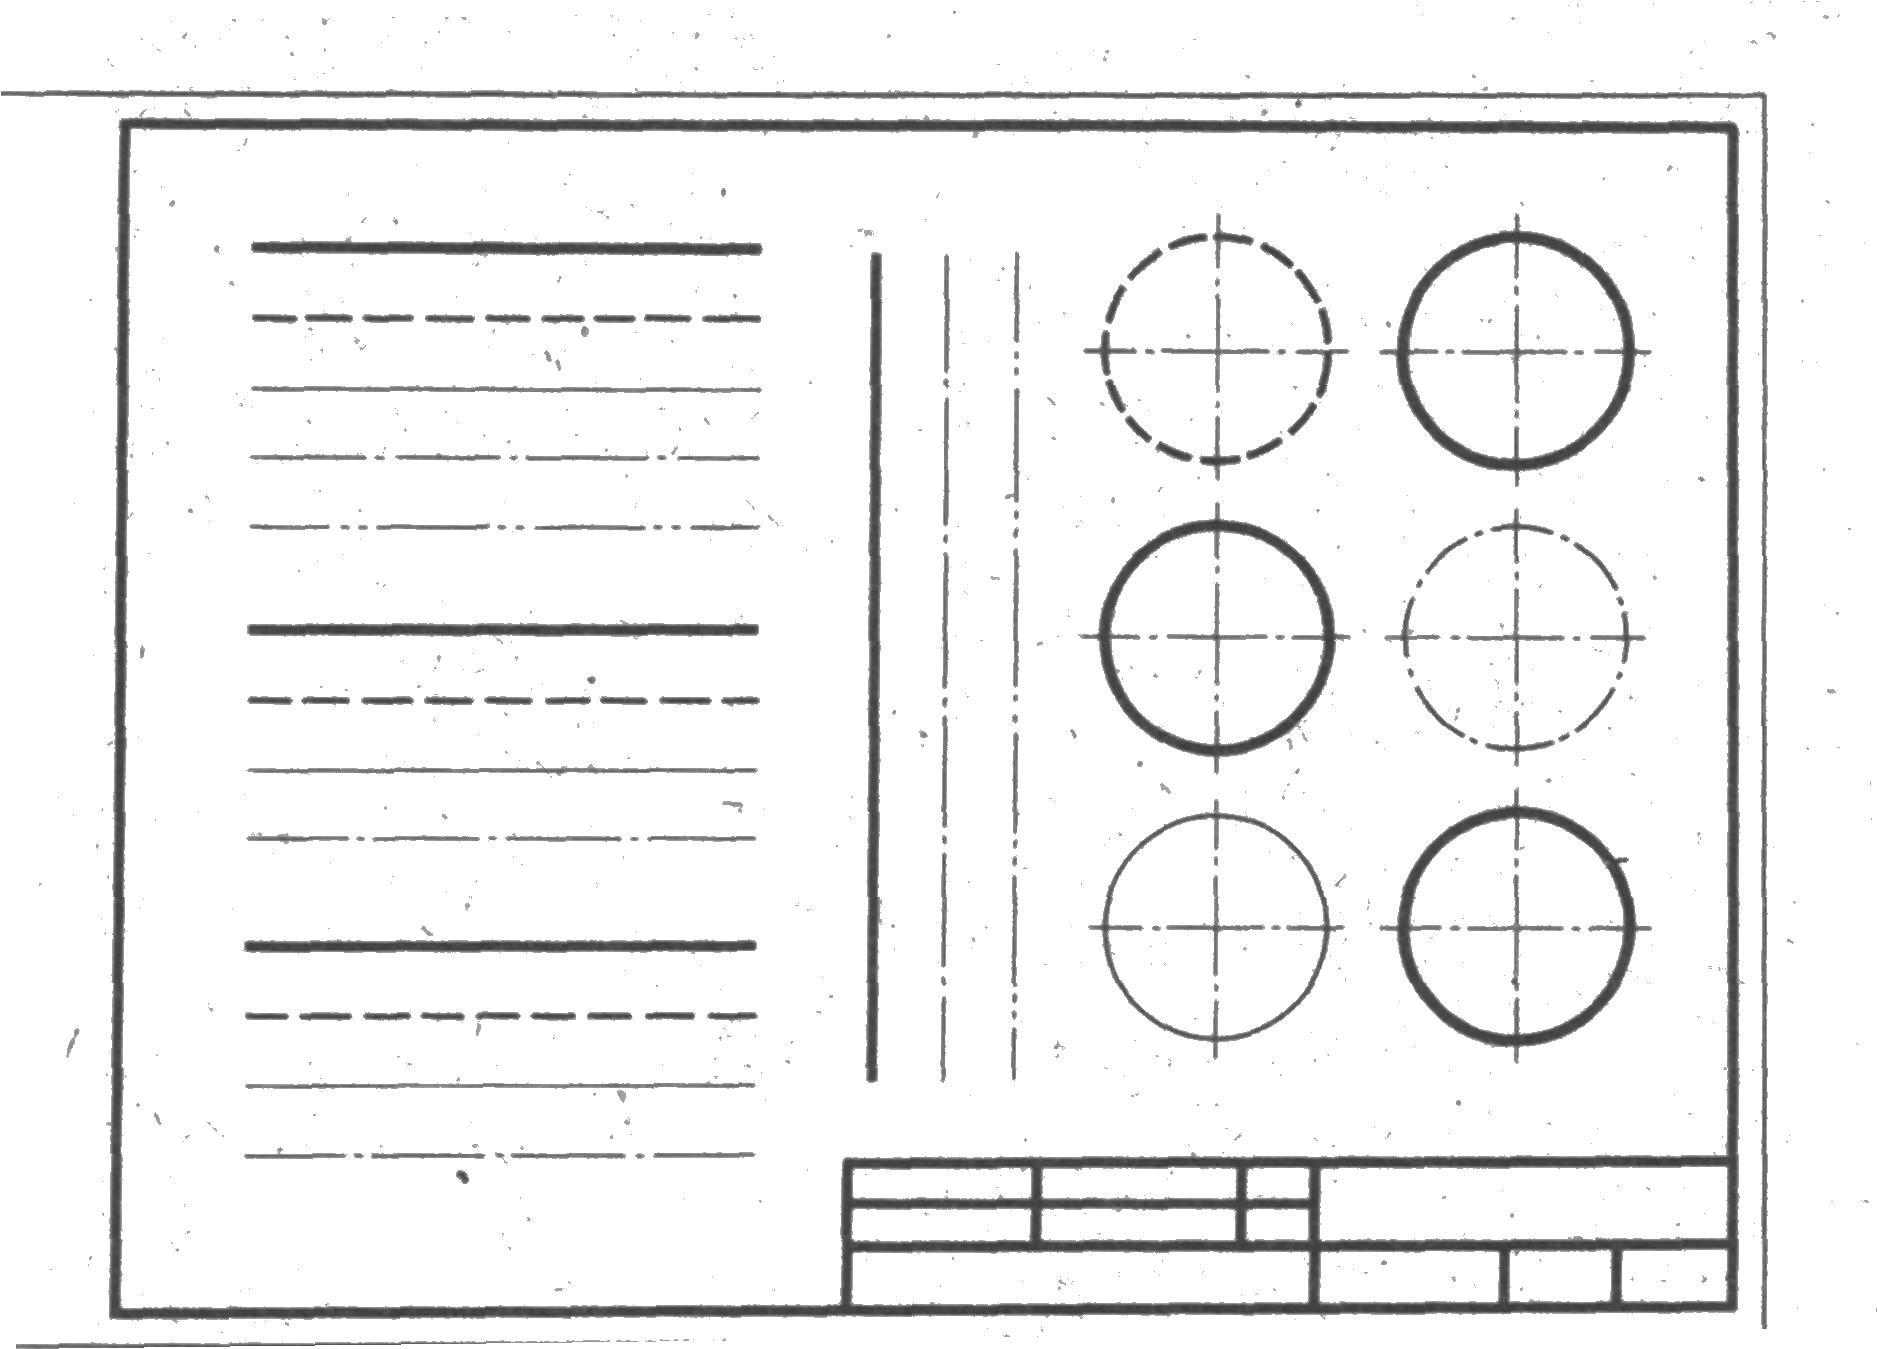 Смотреть проекции из учебника по черчению 9 класс по чертежам рисунок 63 онлайн